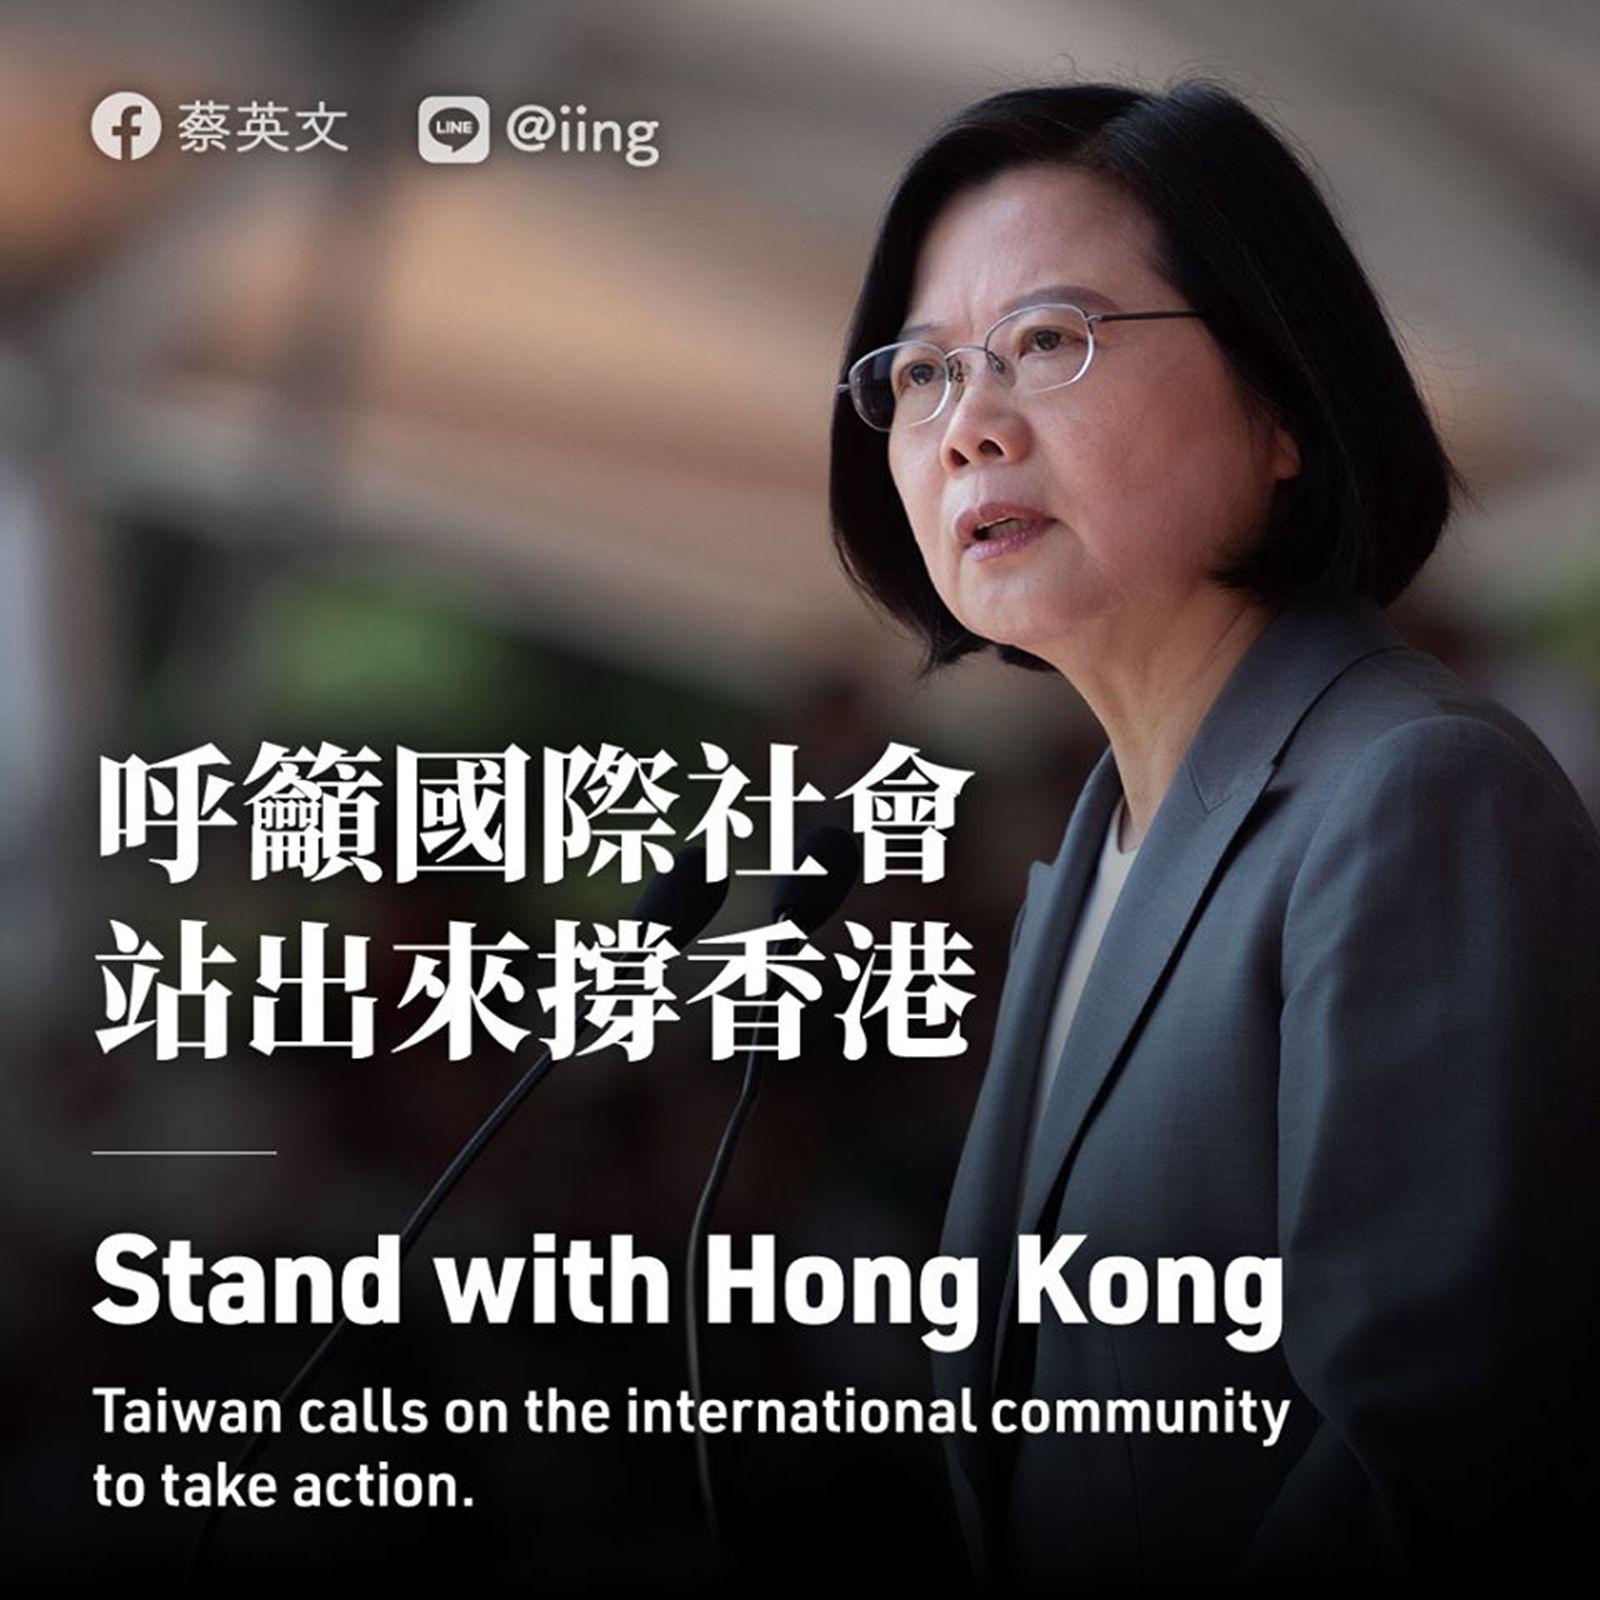 【汪葛雷觀點】消費香港、謊稱台商回流、公家資源拼選舉......你真的要蔡政府繼續執政嗎?